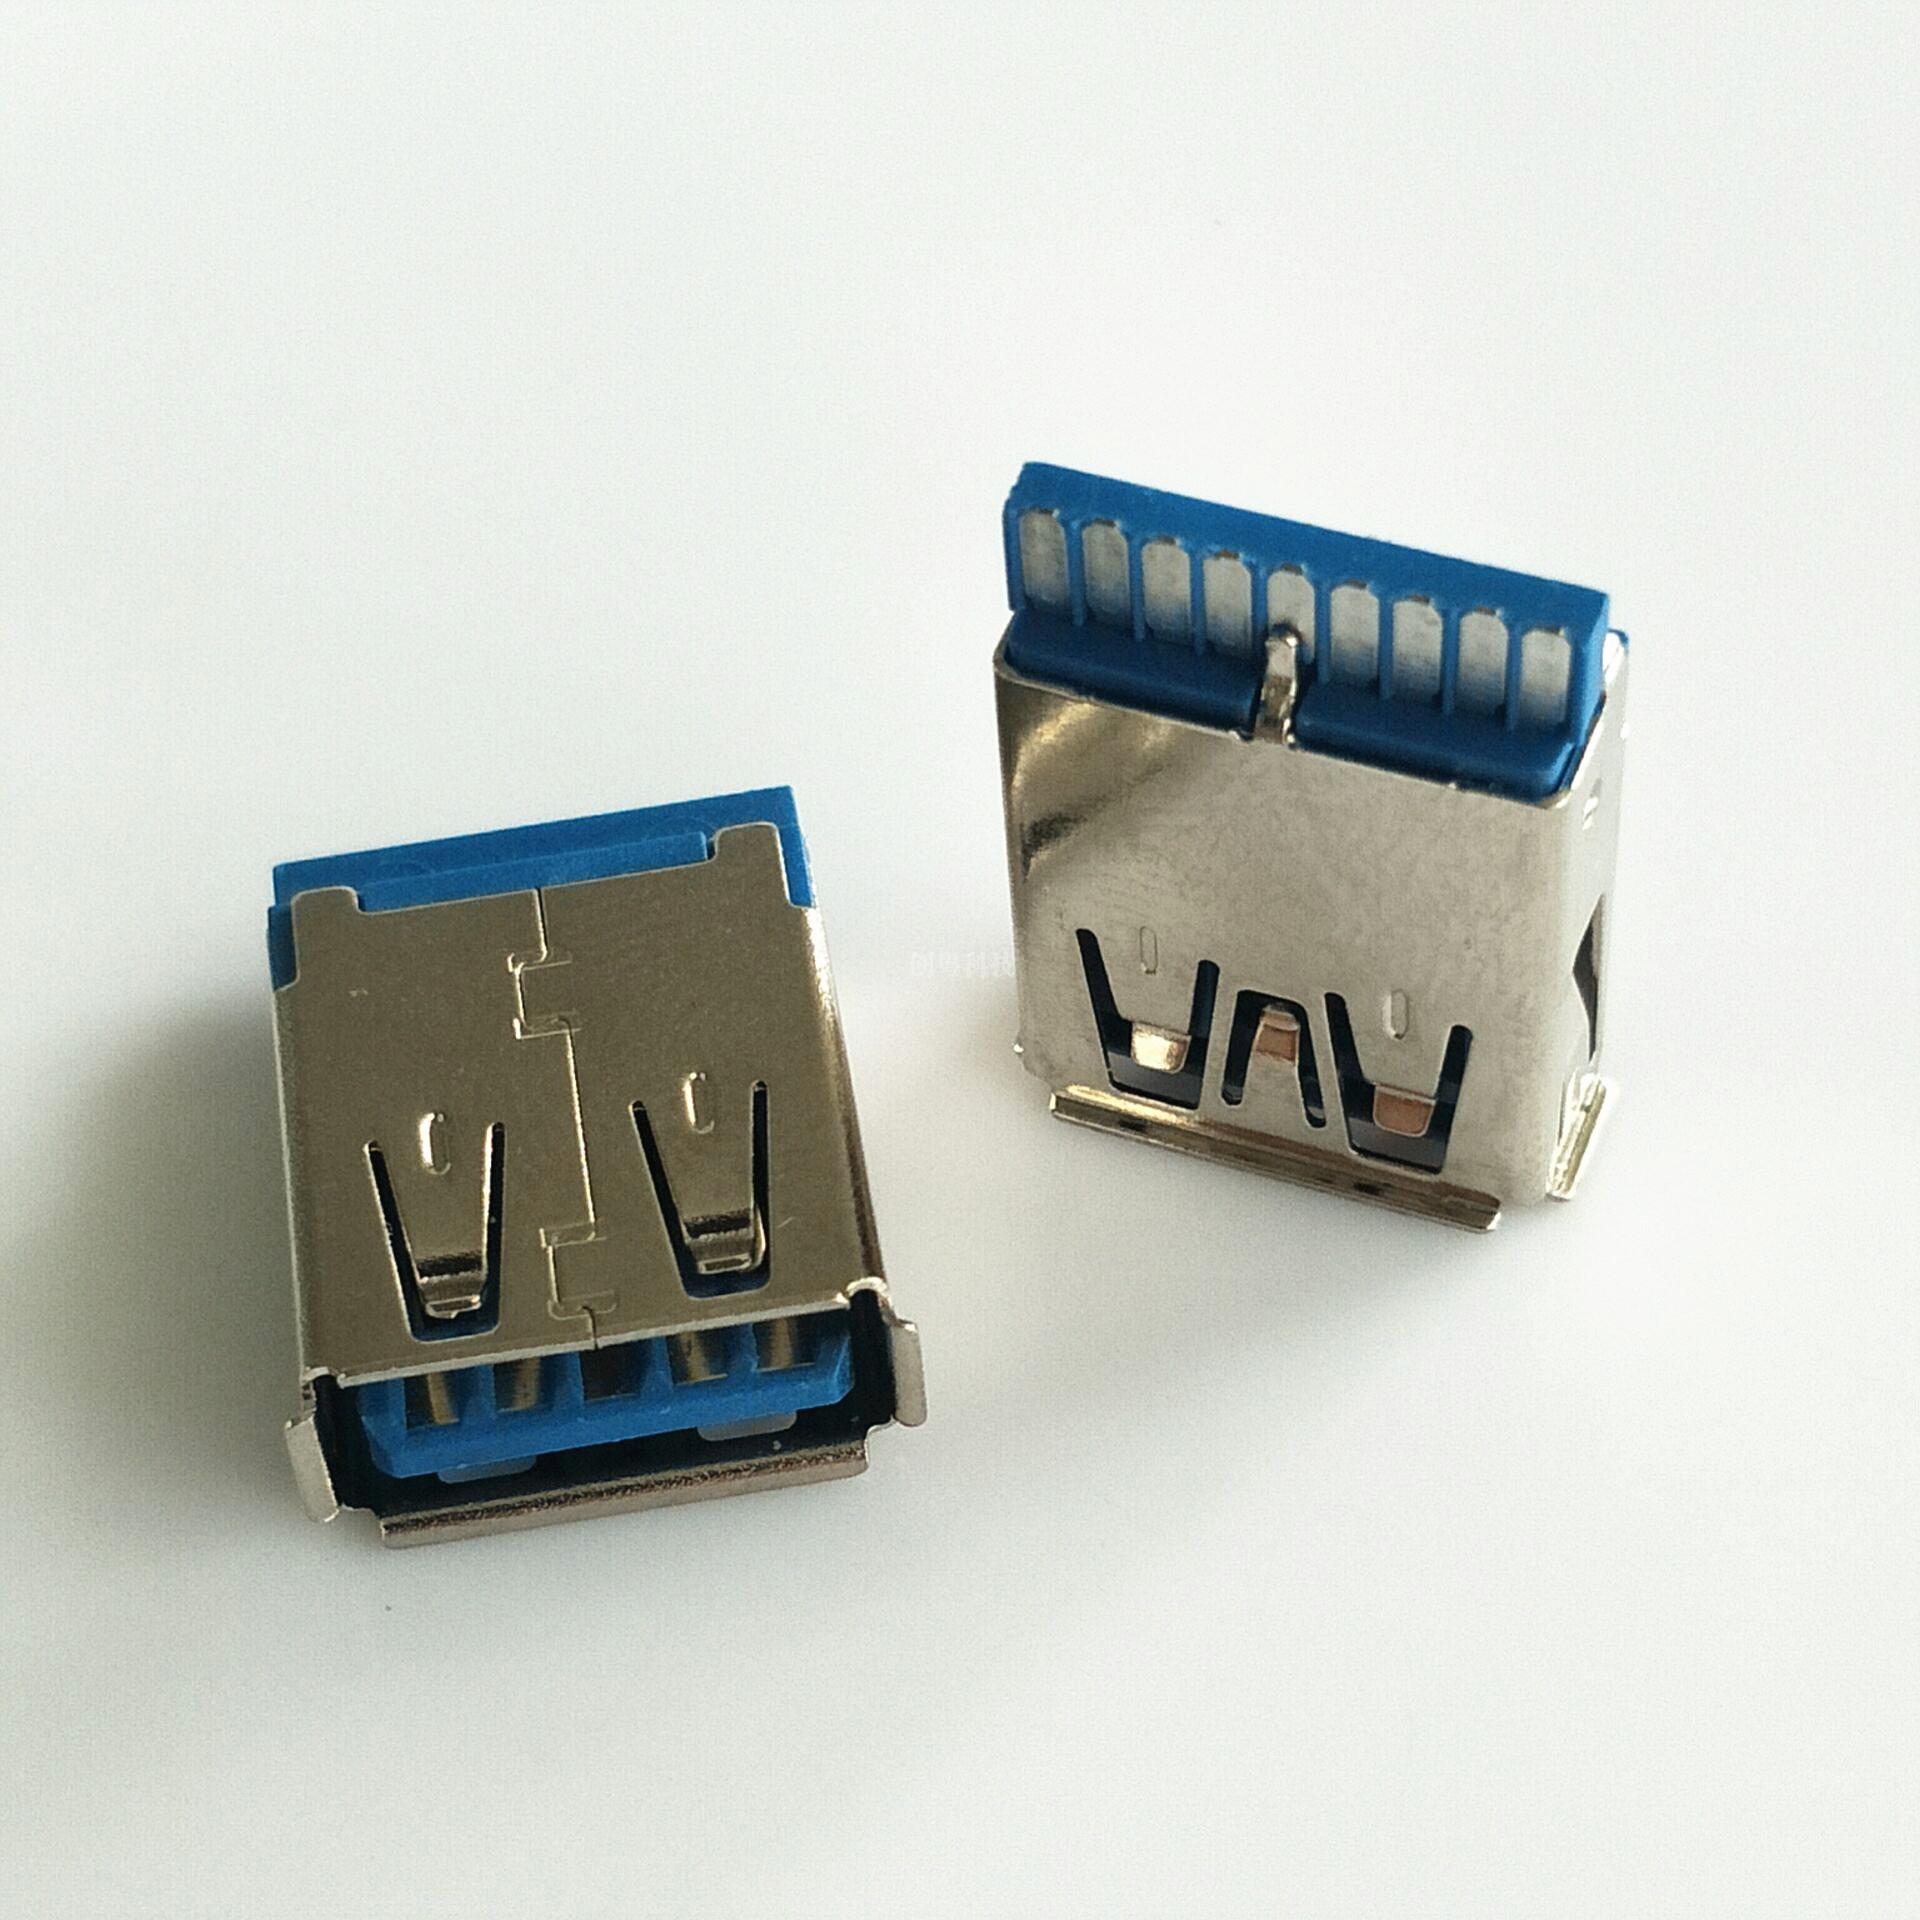 USB 3.0 焊线母座